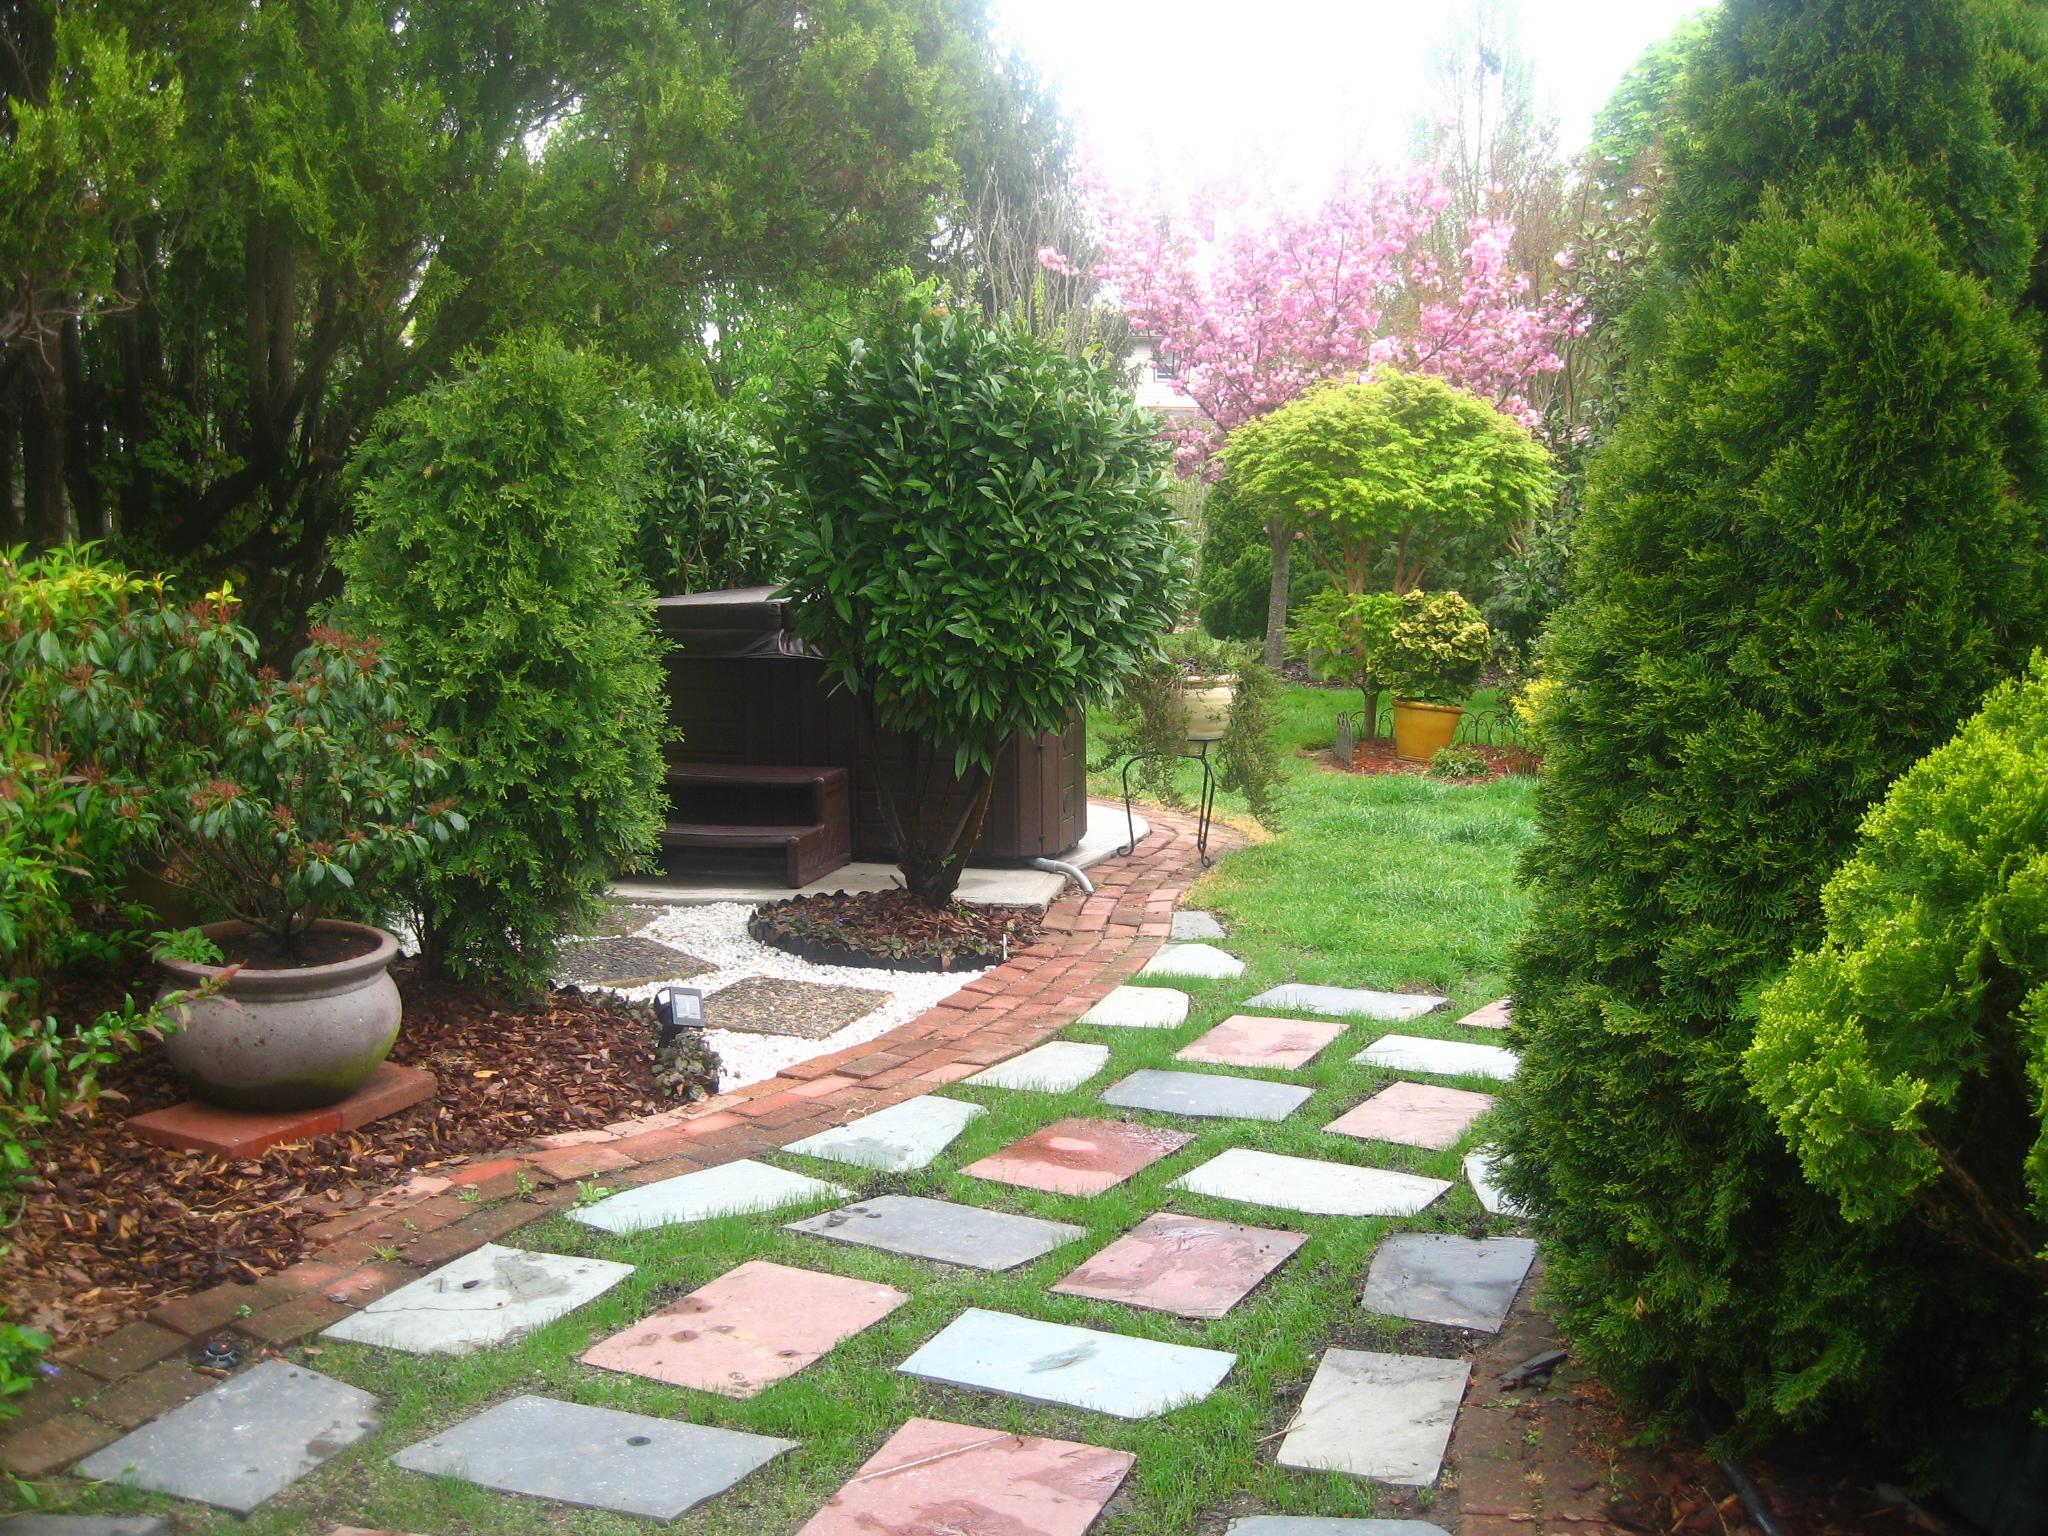 japanese garden ideas | straightdopeness on Backyard Japanese Garden Design Ideas id=81625